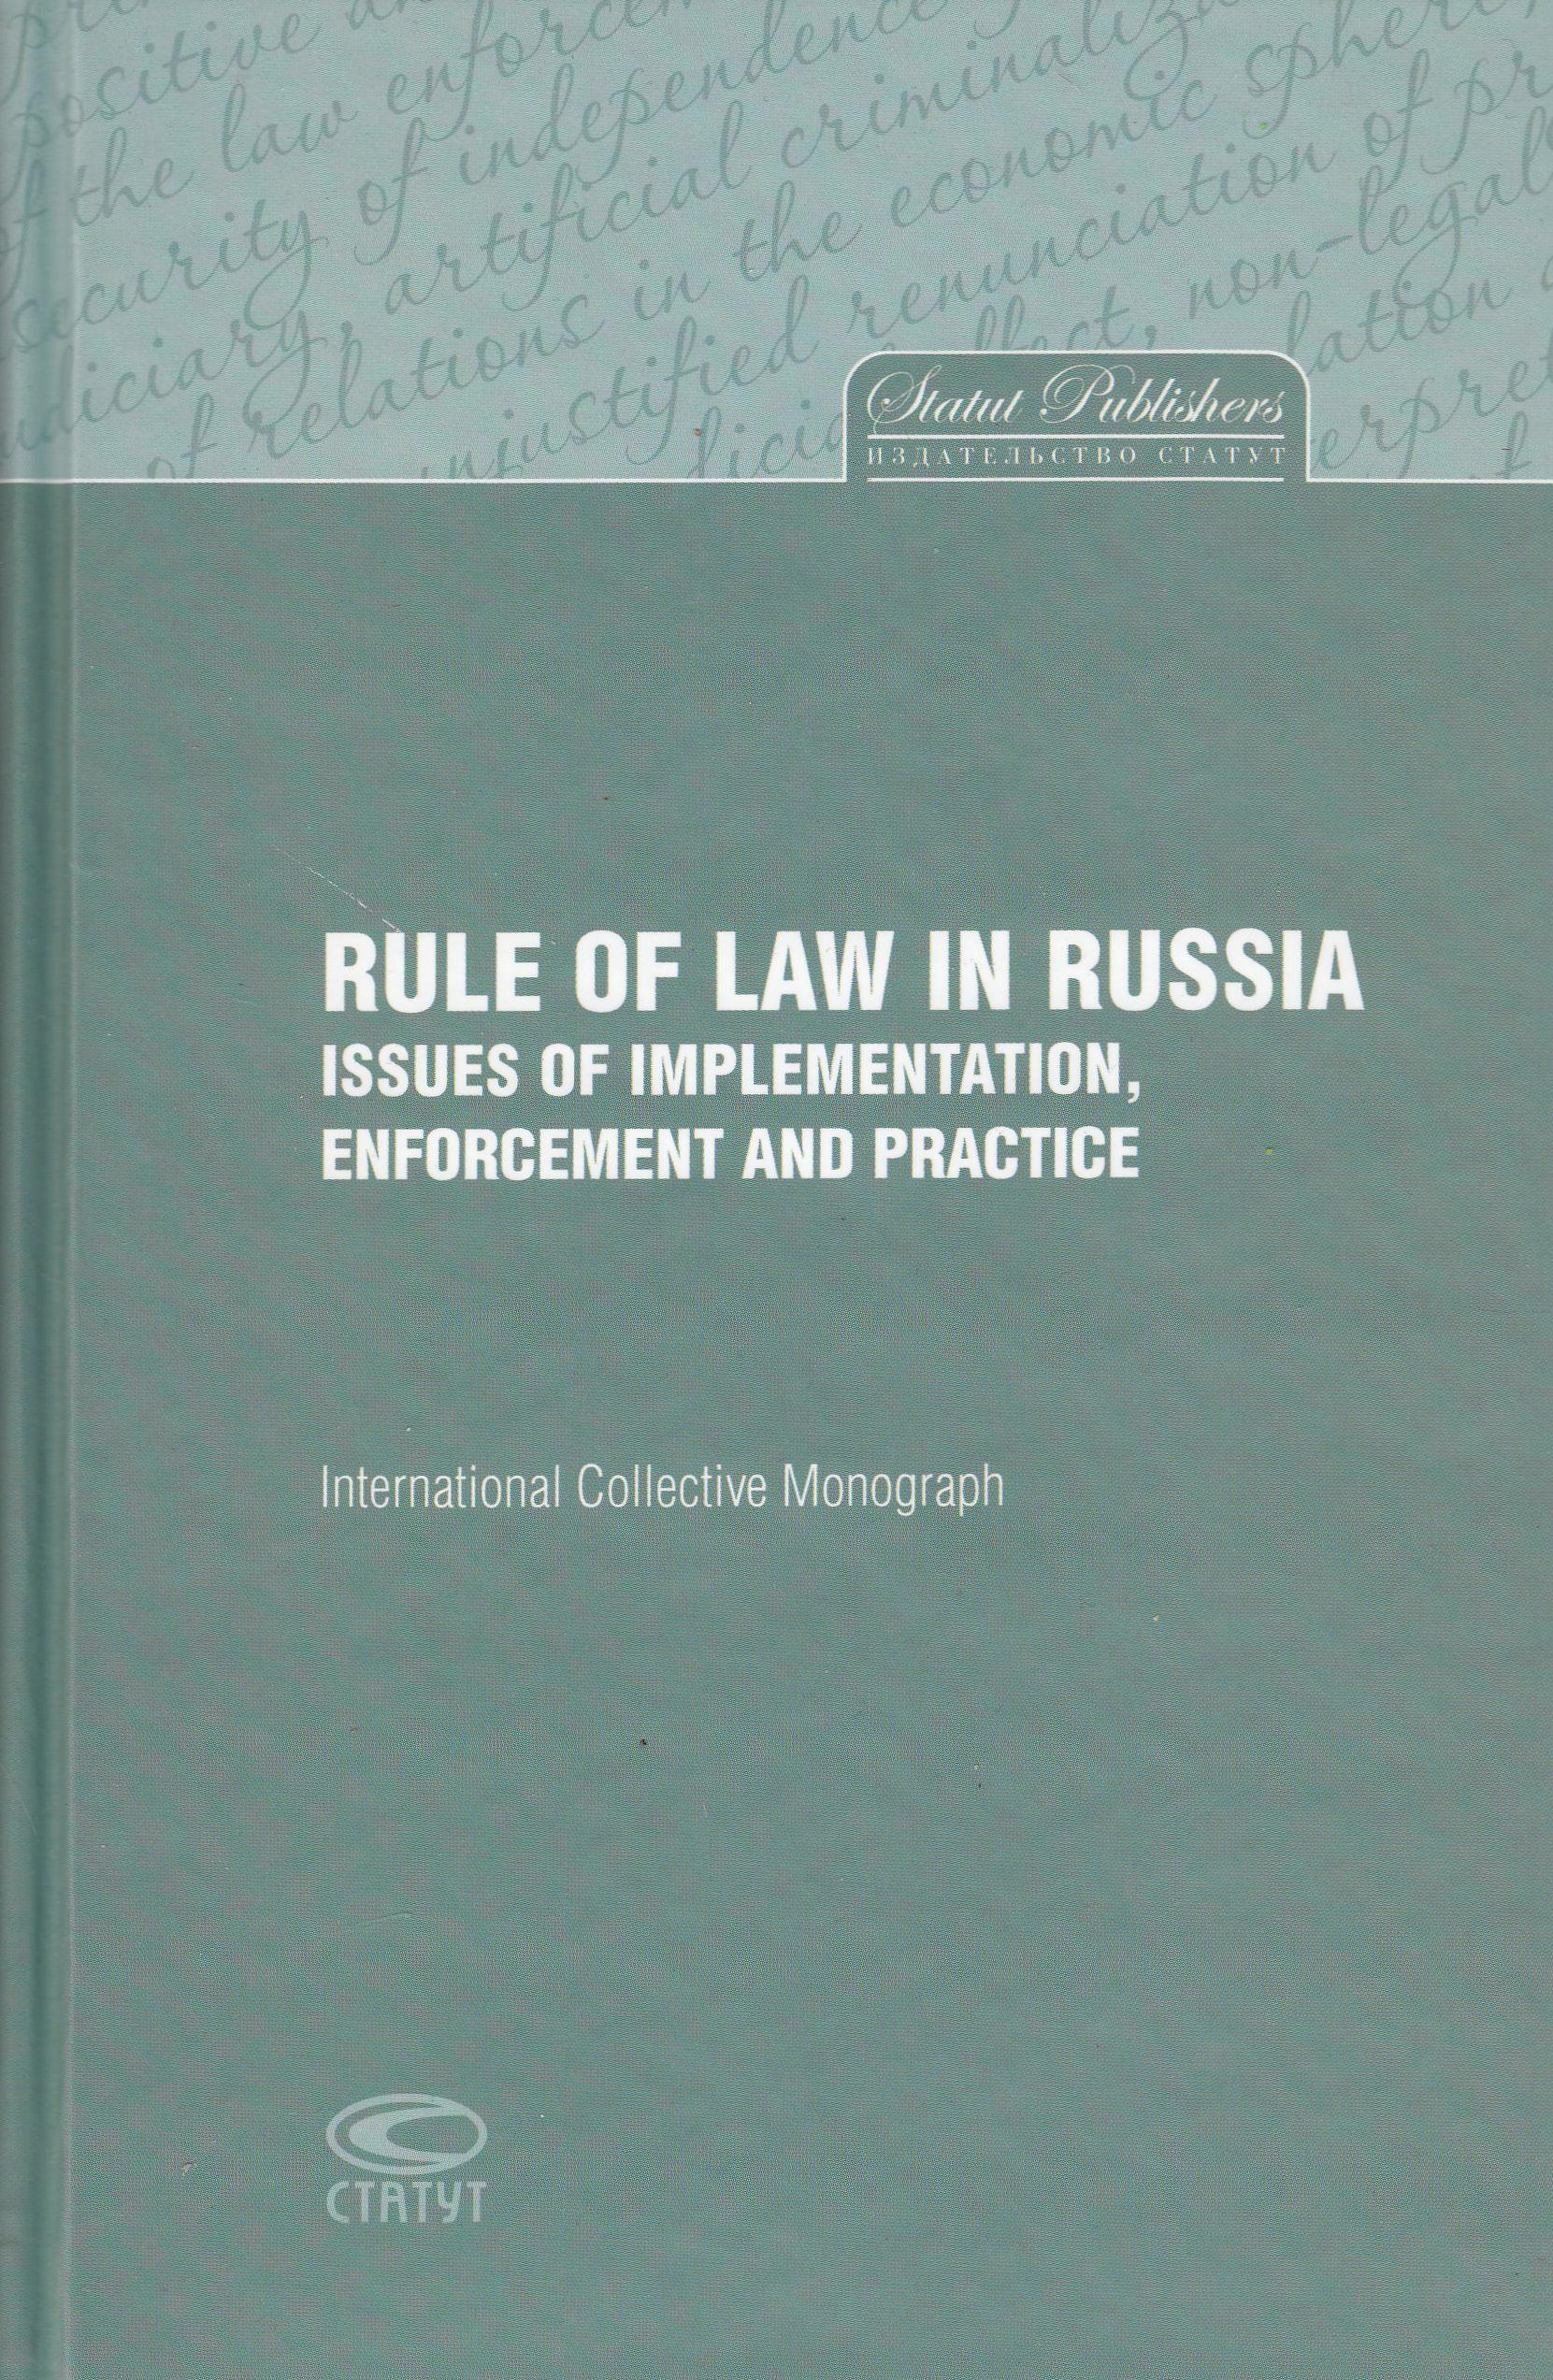 Концепция модернизации уголовного законодательства в экономической сфере